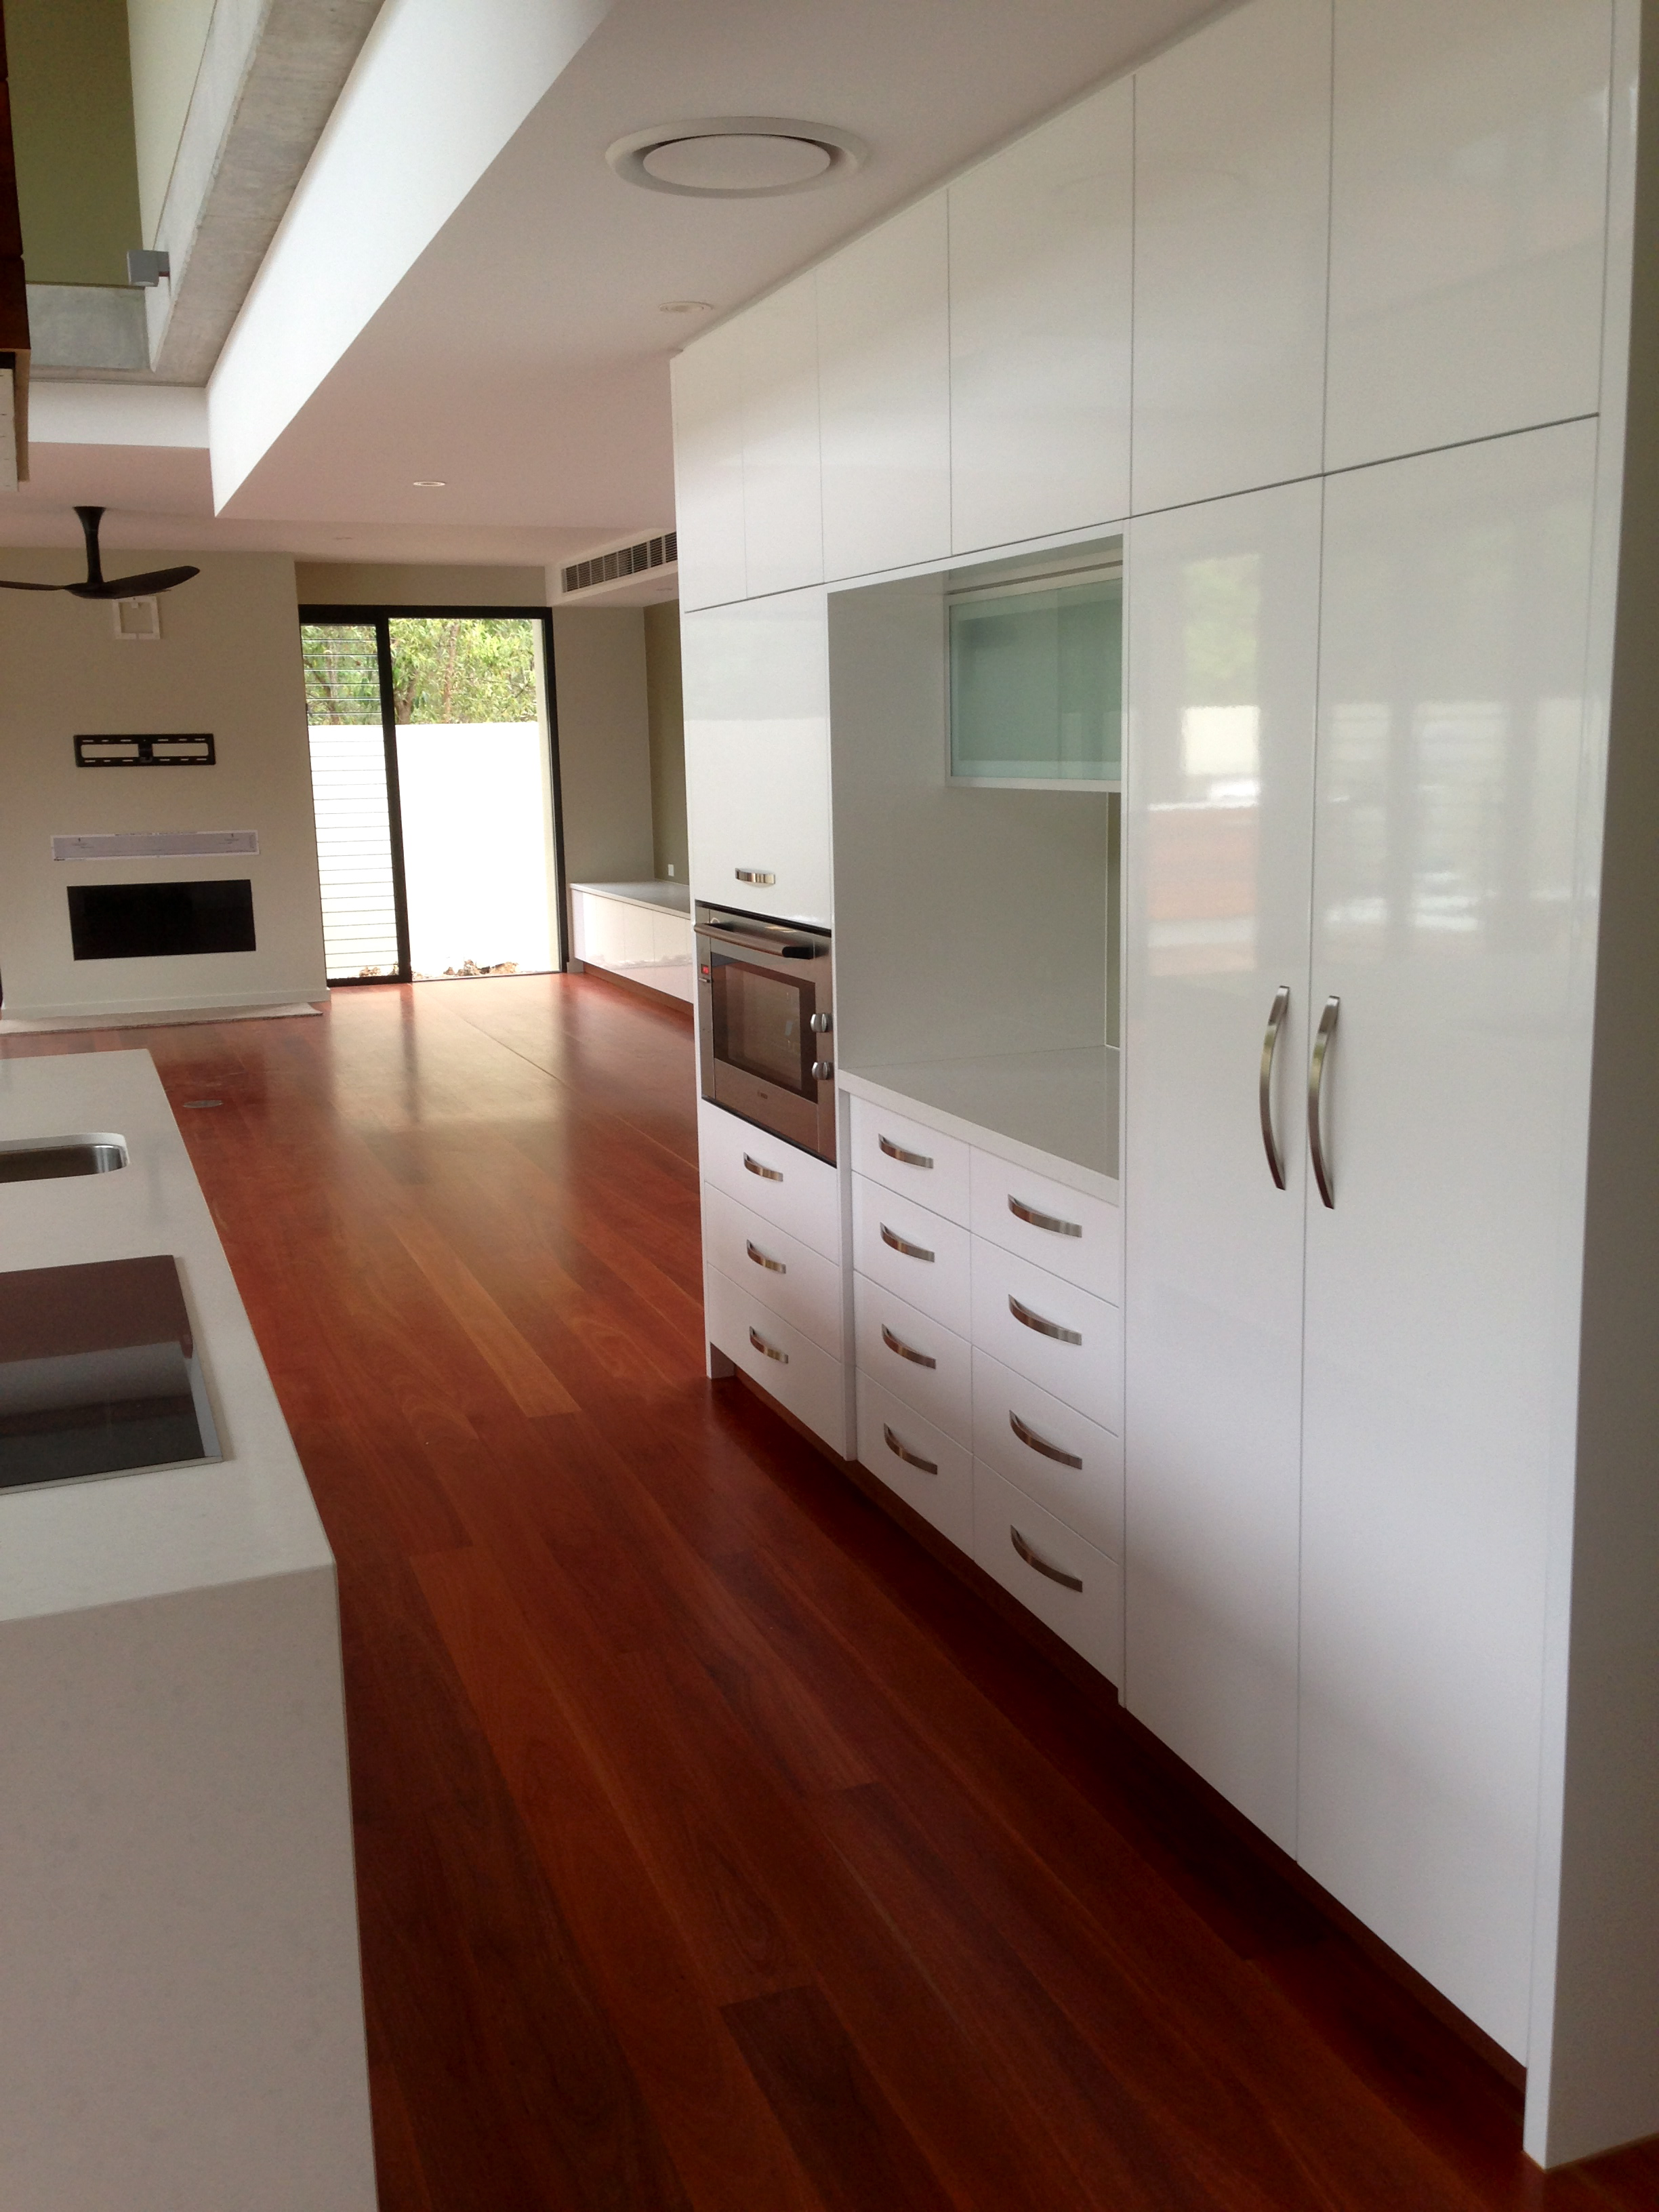 Centre Kitchen 1.jpg